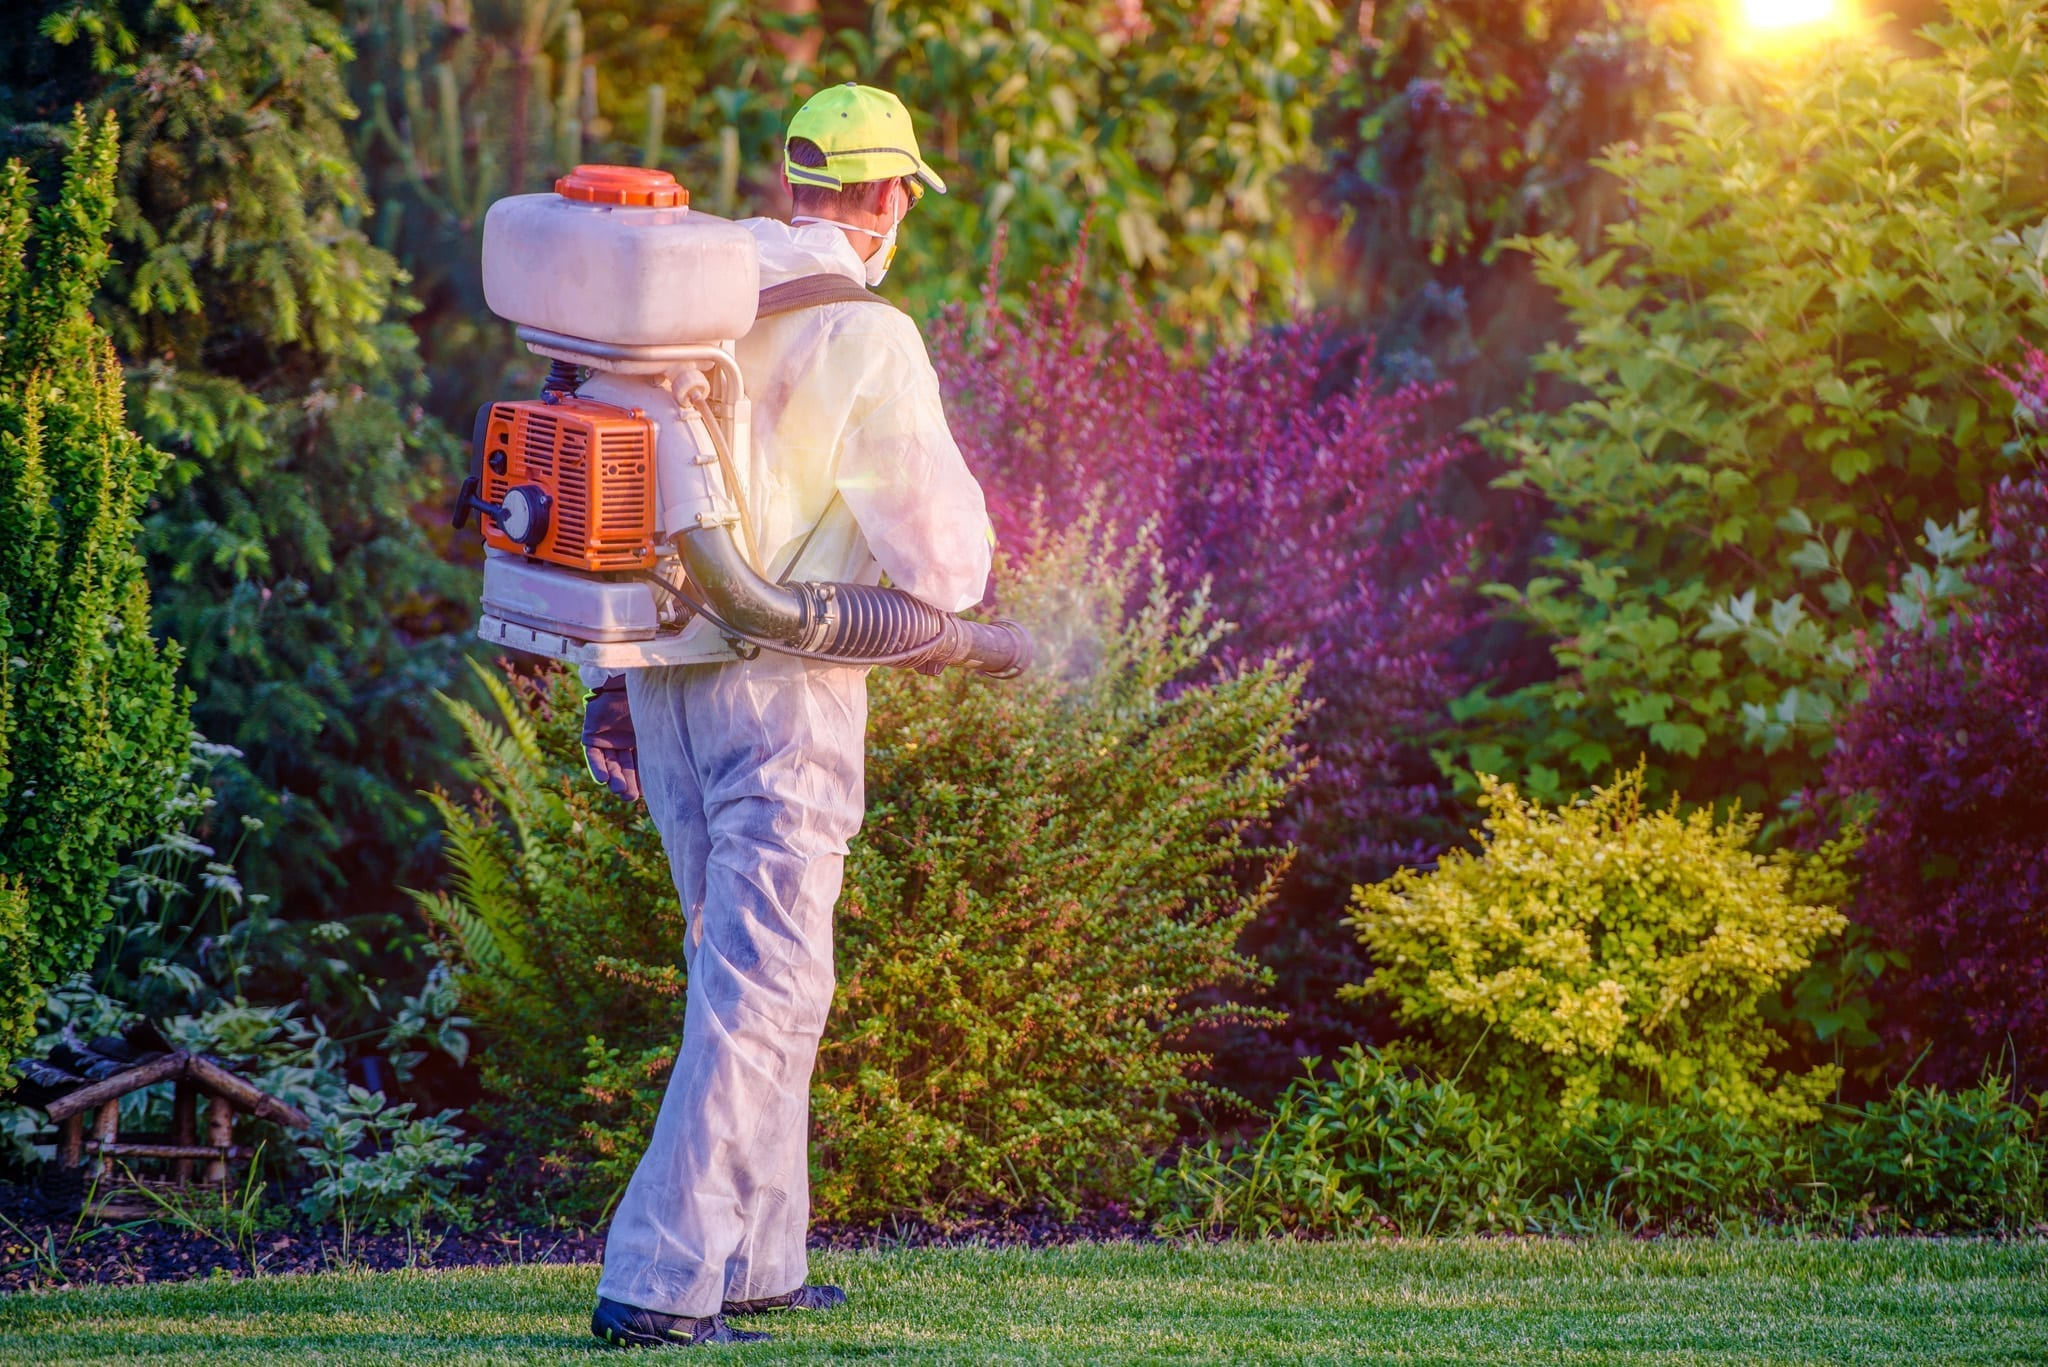 Pest Control Man Spraying in Garden